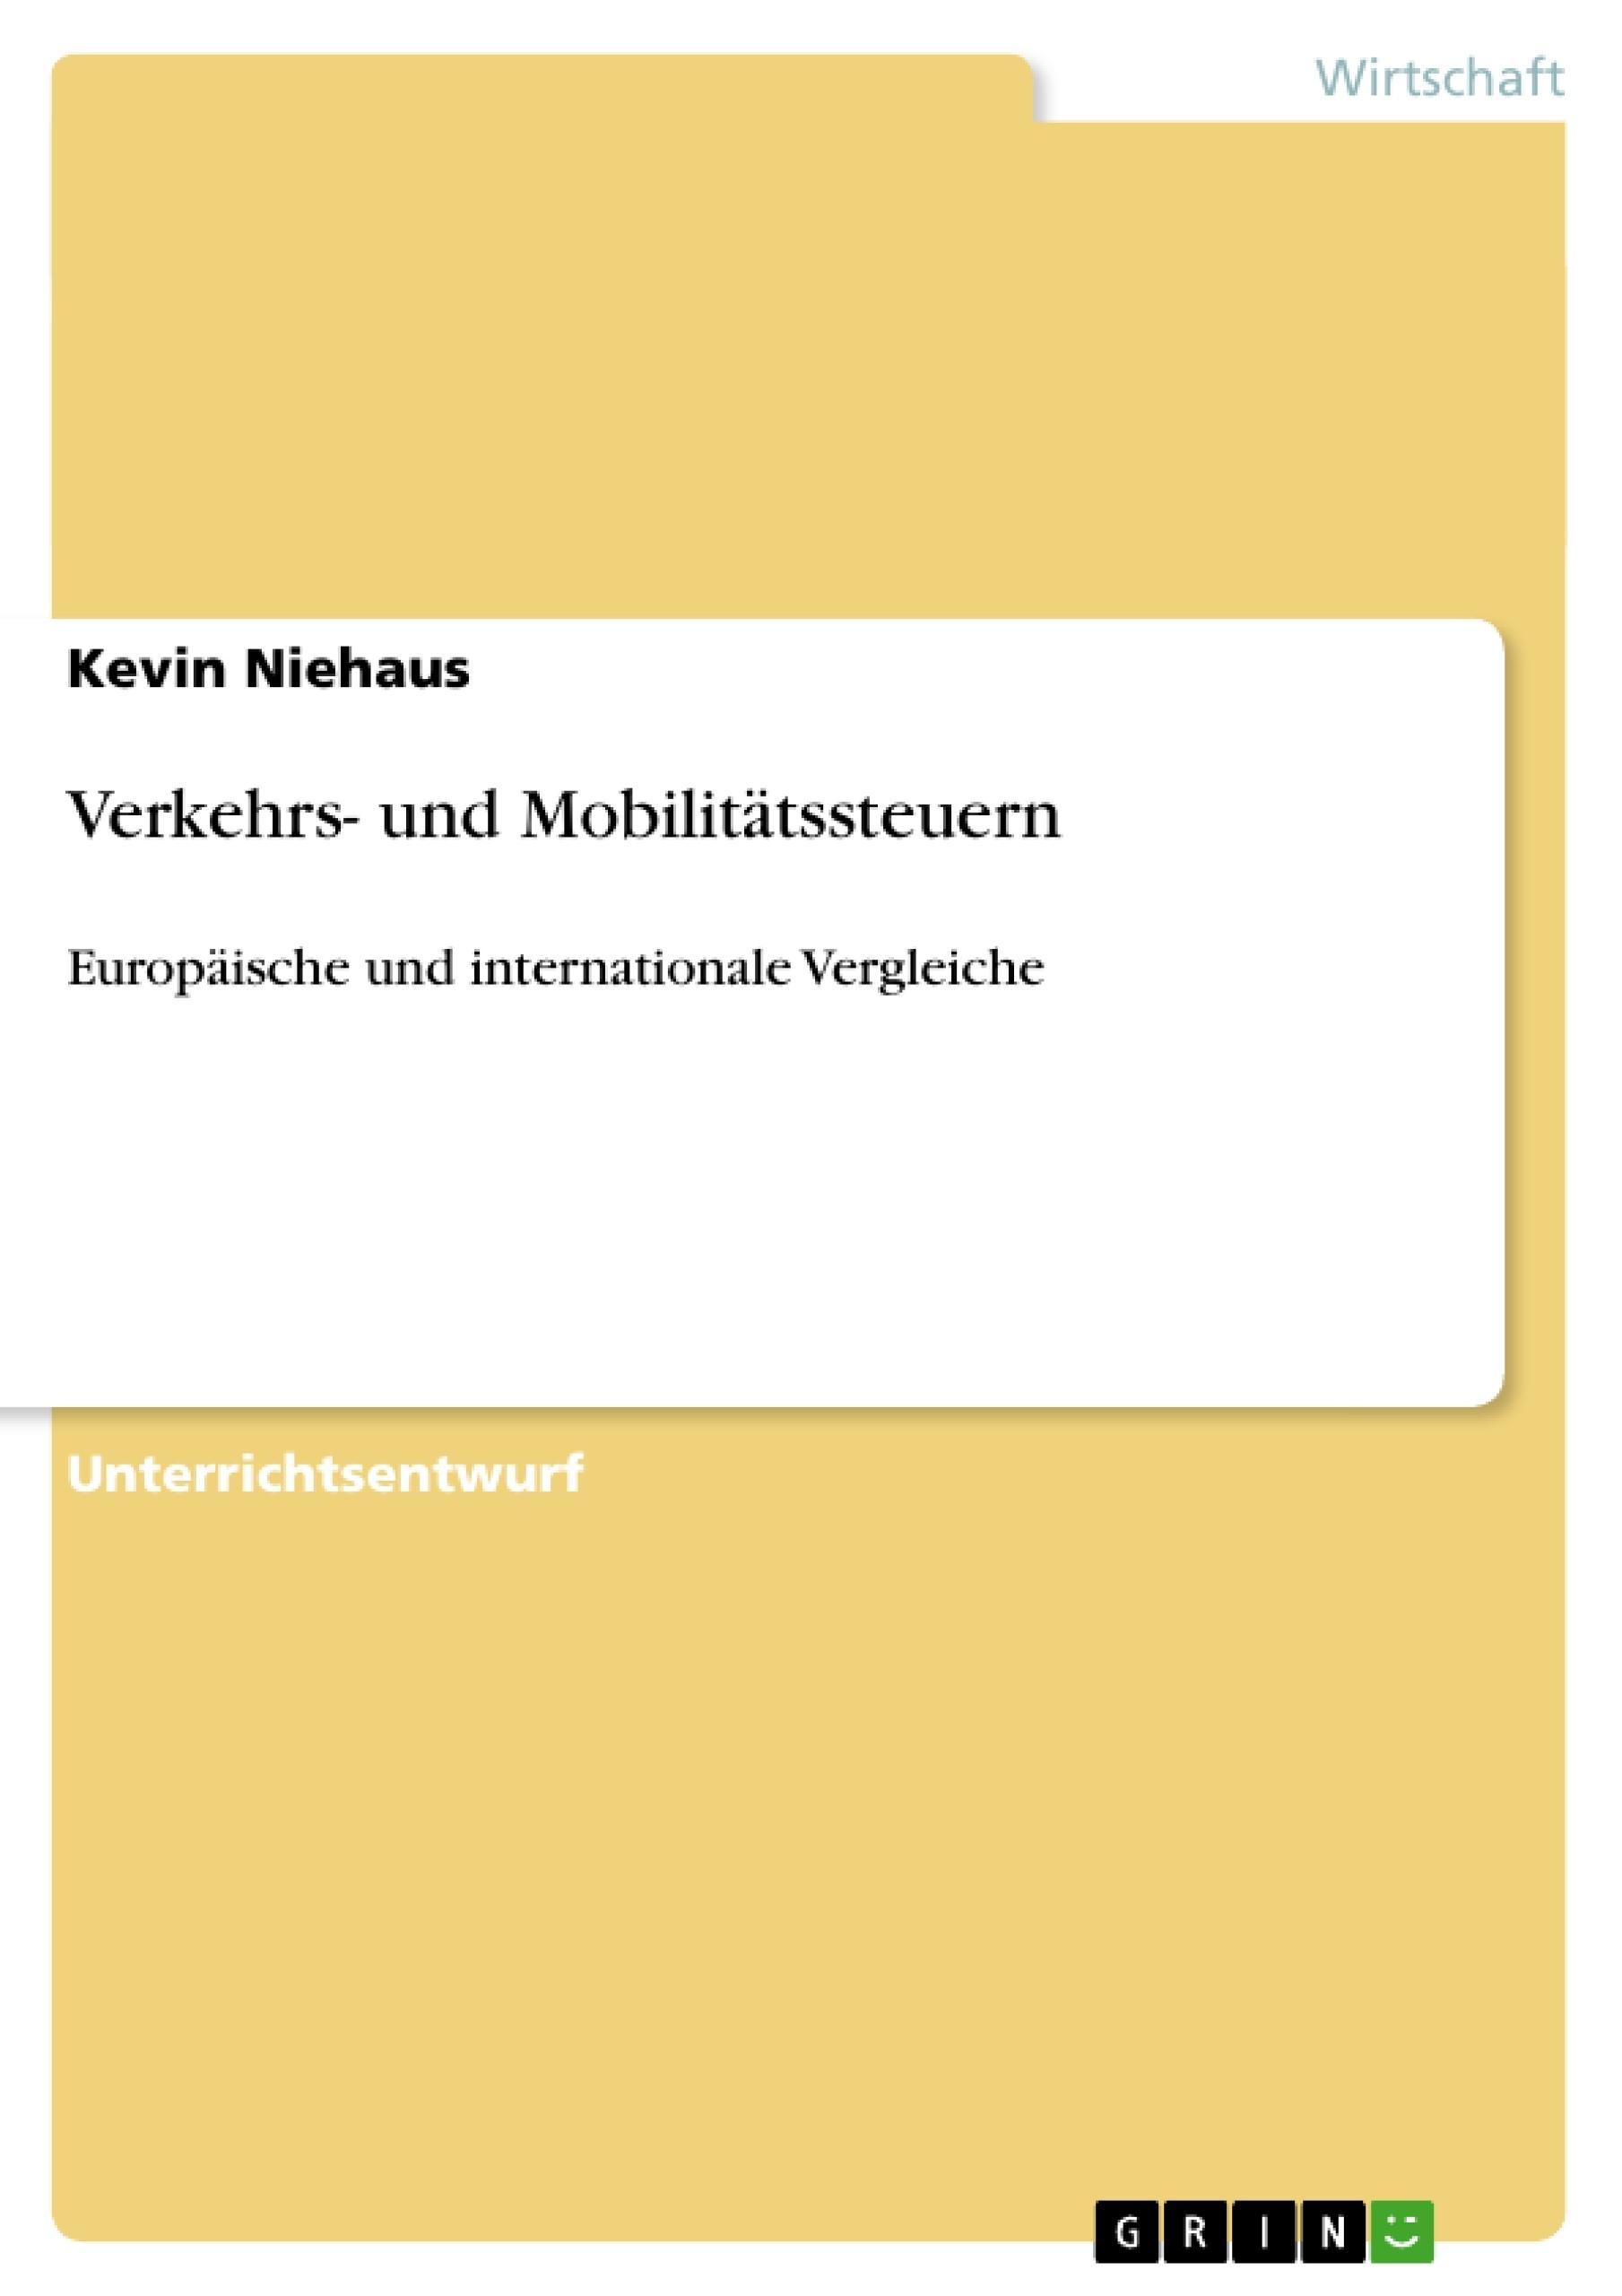 Verkehrs- und Mobilitätssteuern | Masterarbeit, Hausarbeit ...